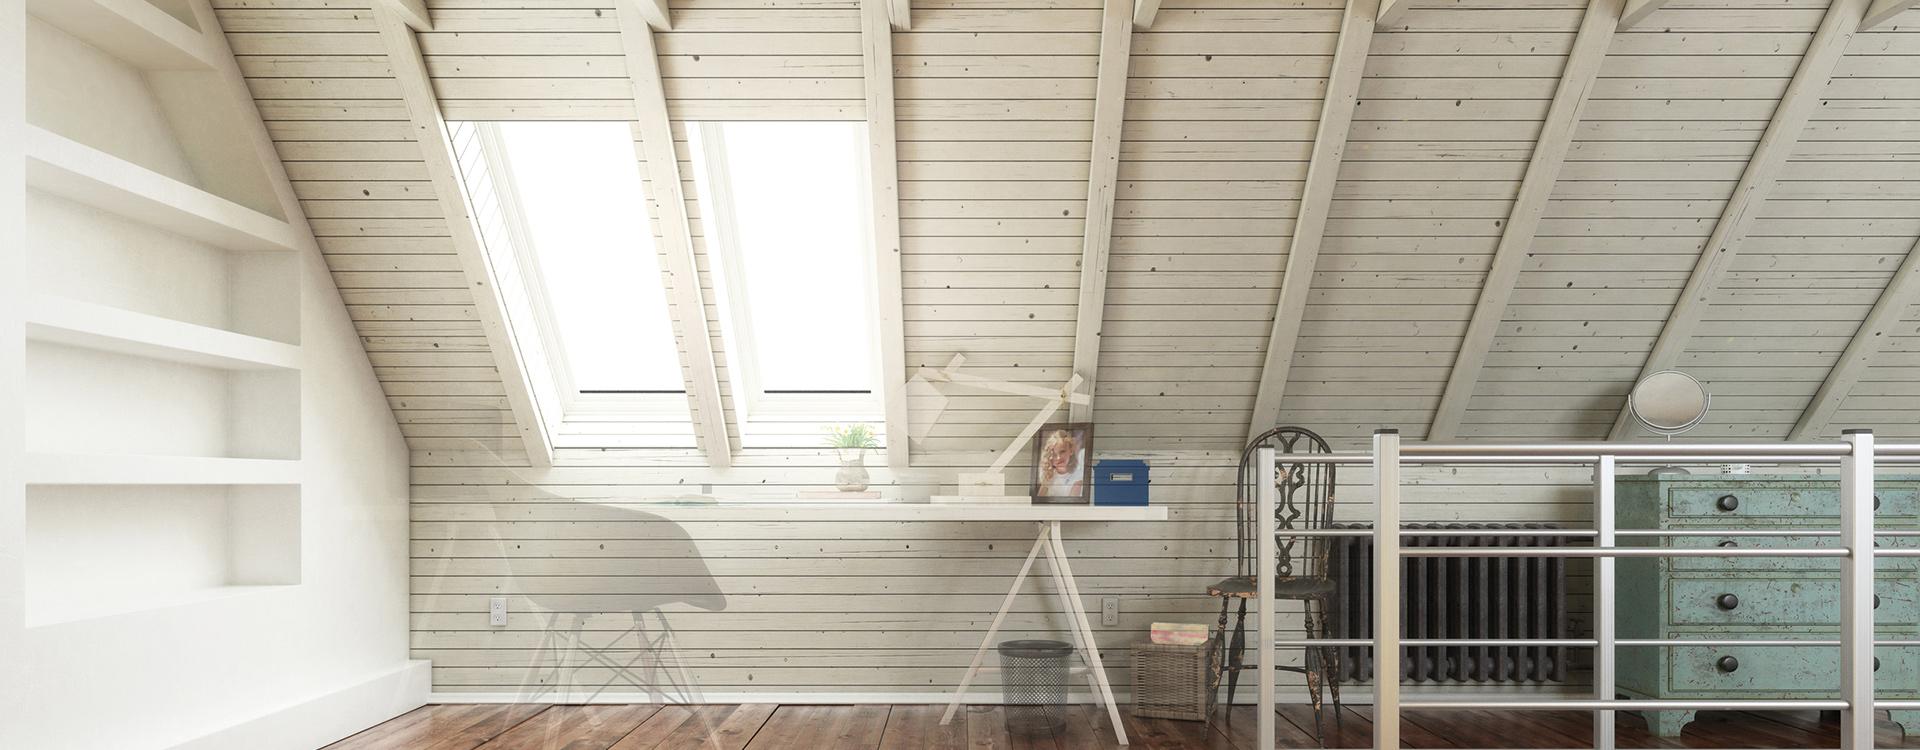 Stefan-Stolze-Heizungs-und-Sanitartechnik-Gmbh-Ihr-Klempner-in-Ahrensburg-dachfenster